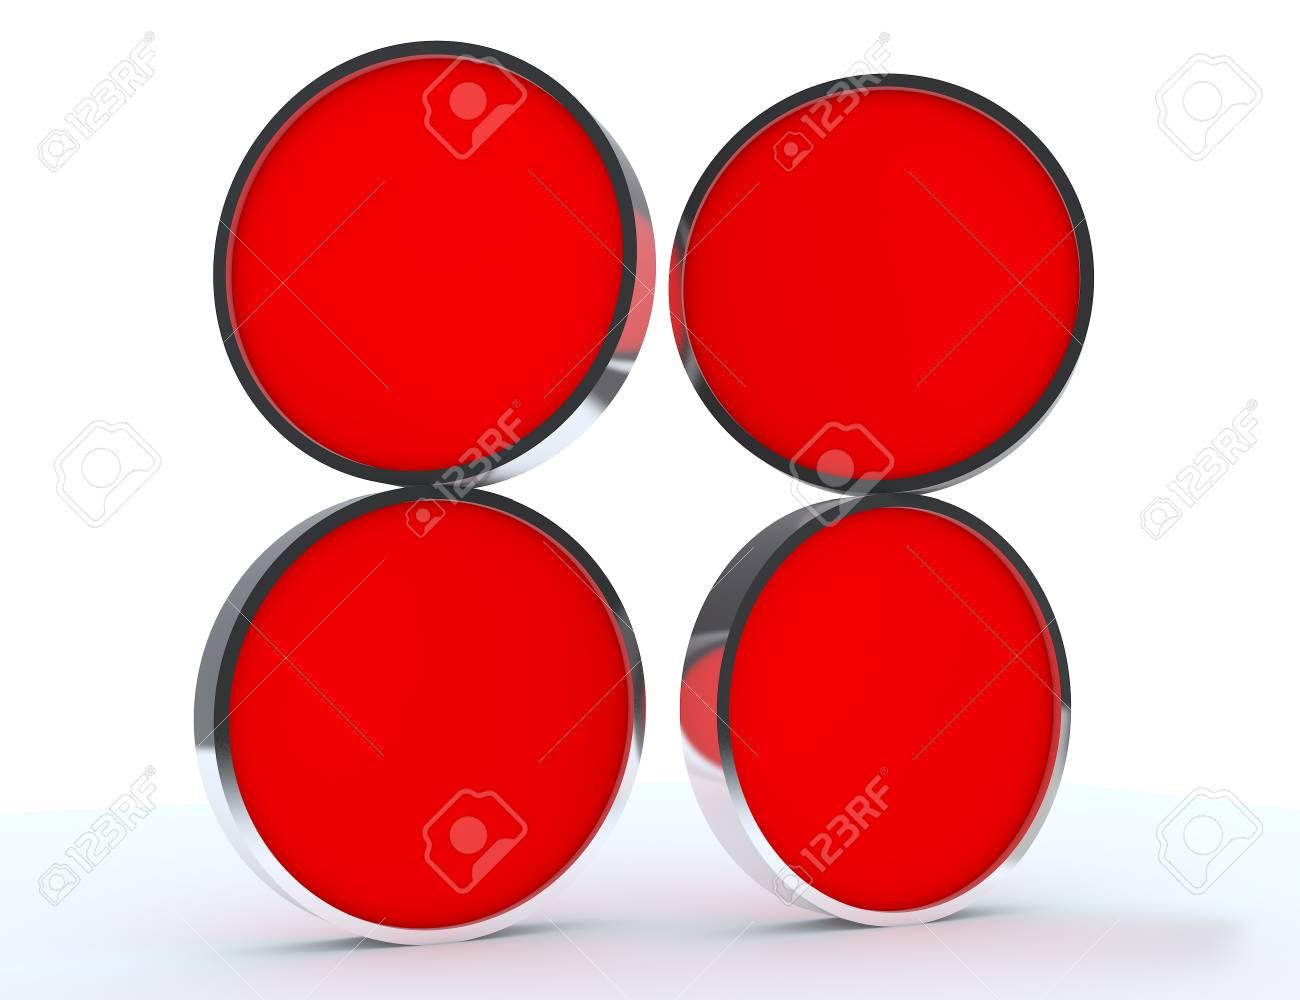 Cuatro Pantalla En Blanco Rojo Redondeado Nueva Caja De Diseño De ...